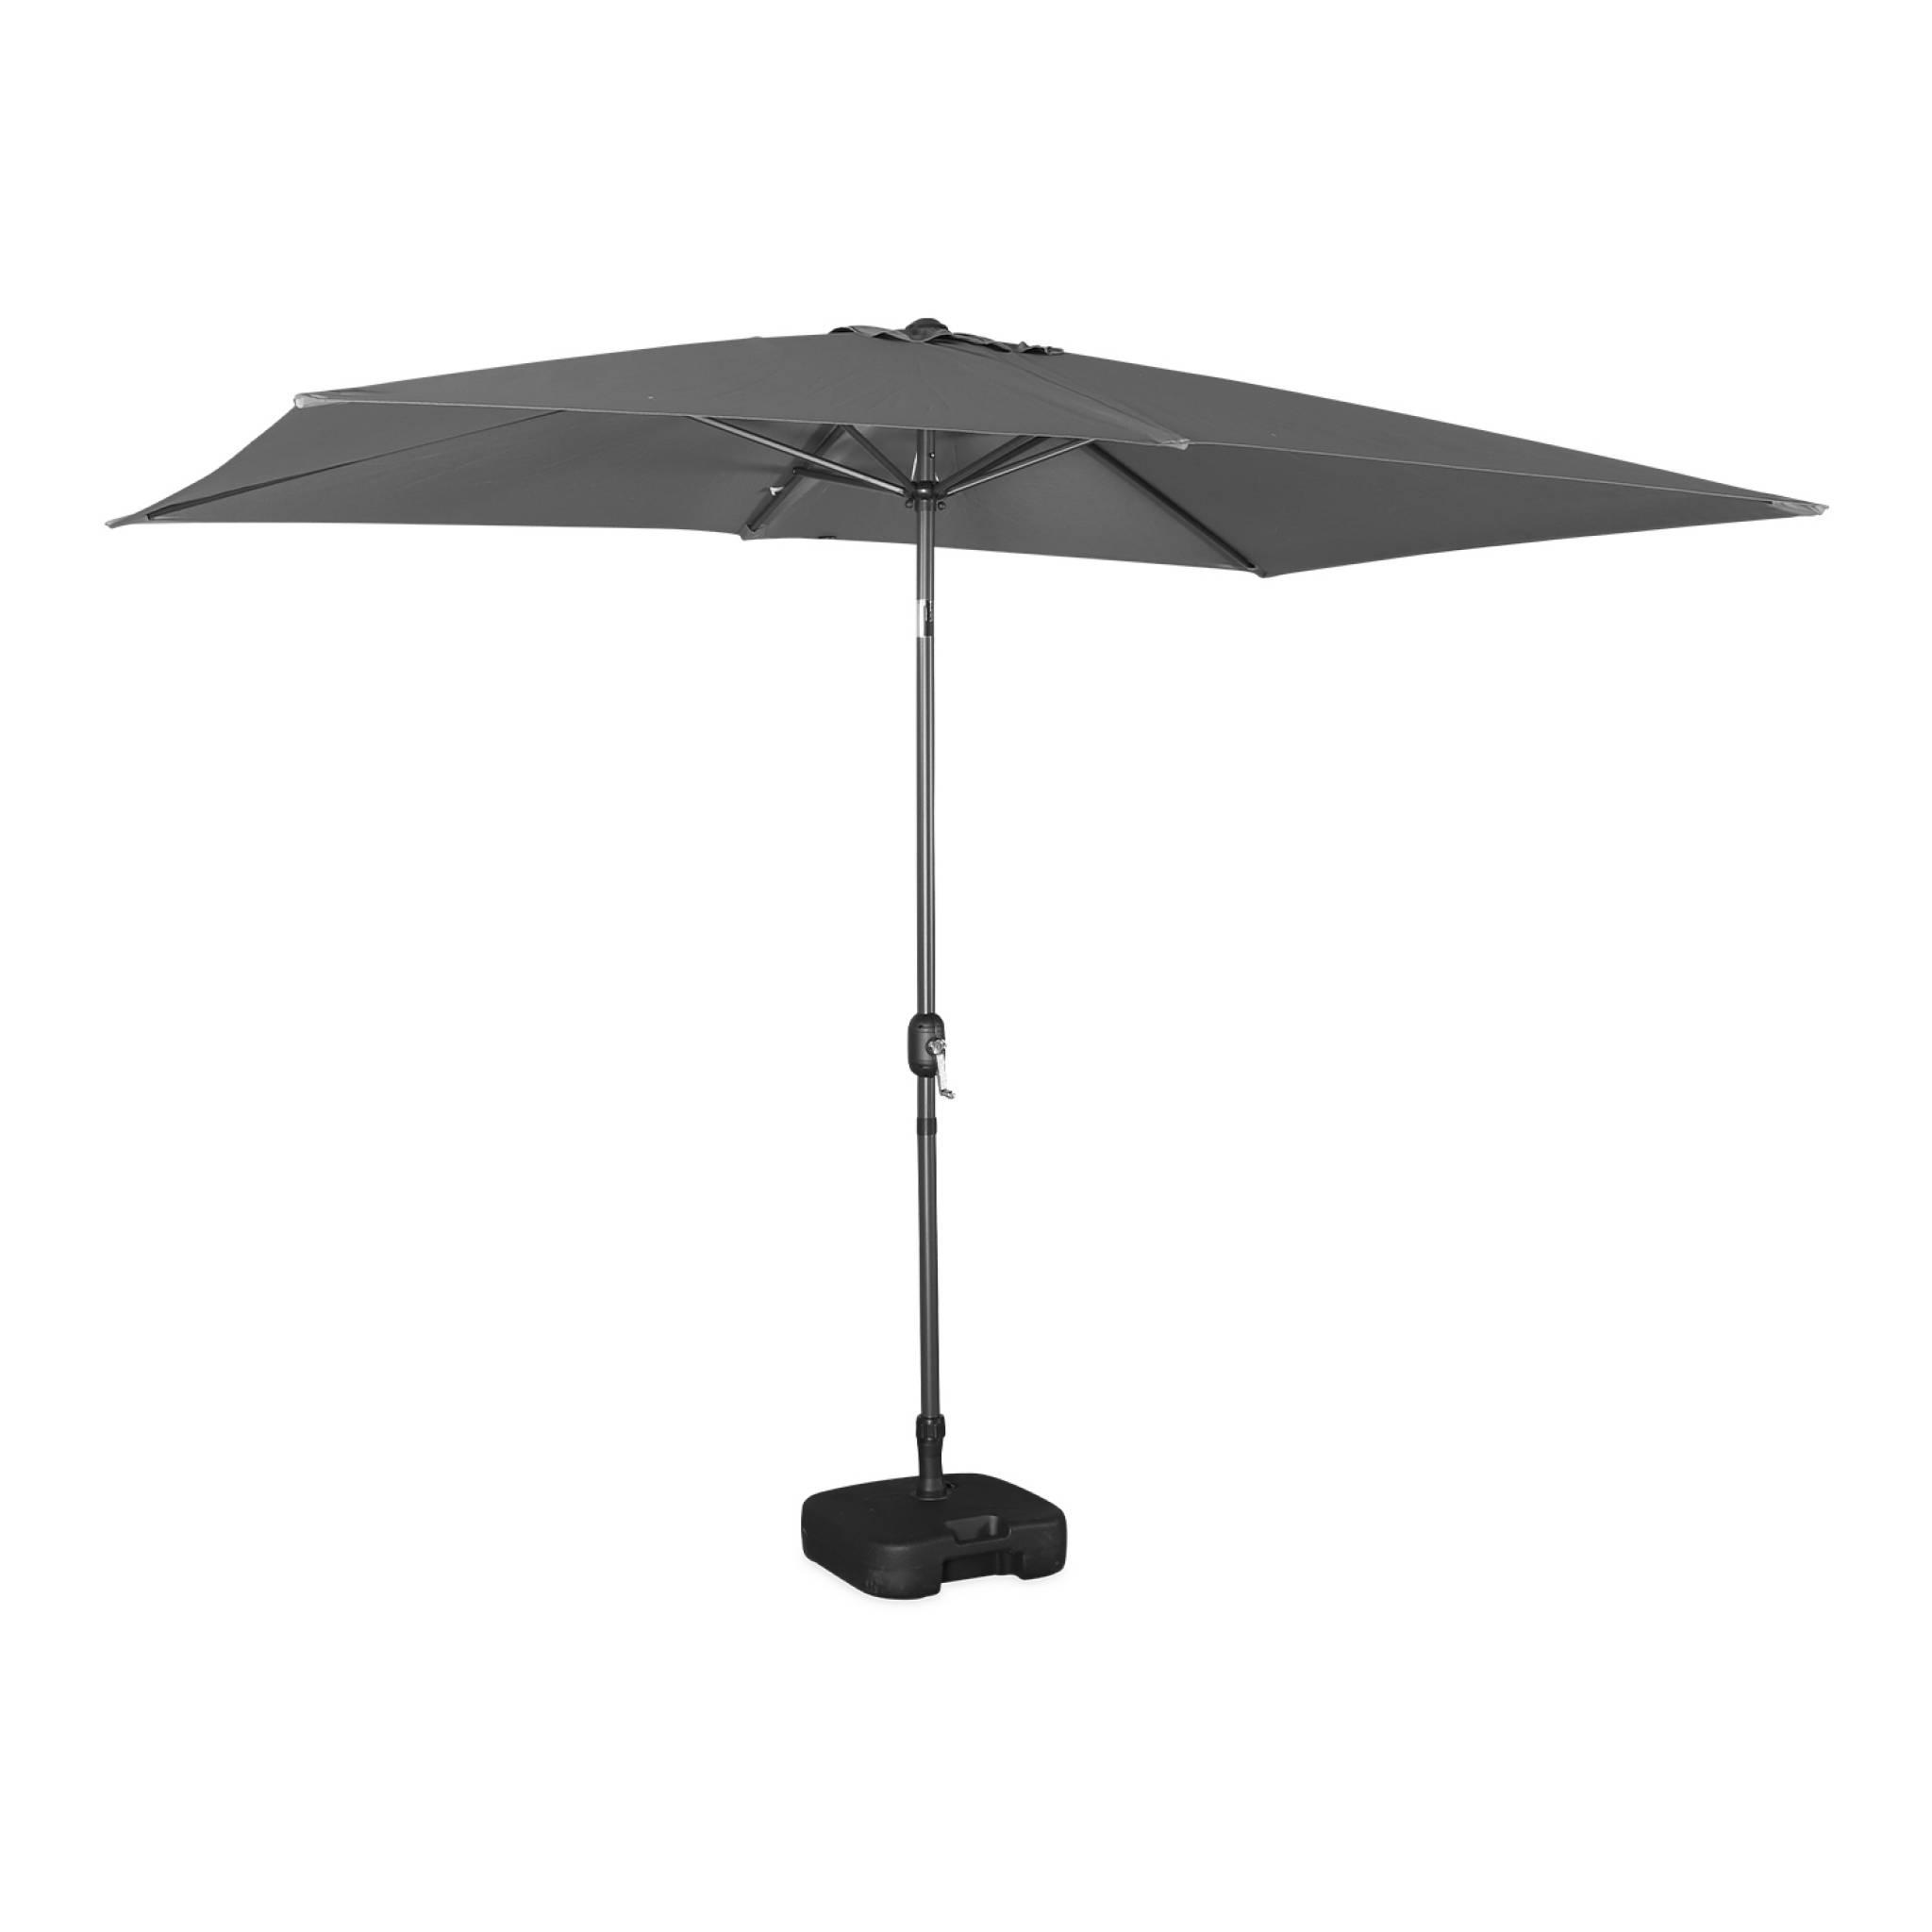 Parasol droit rectangulaire 2x3m gris mât central aluminium